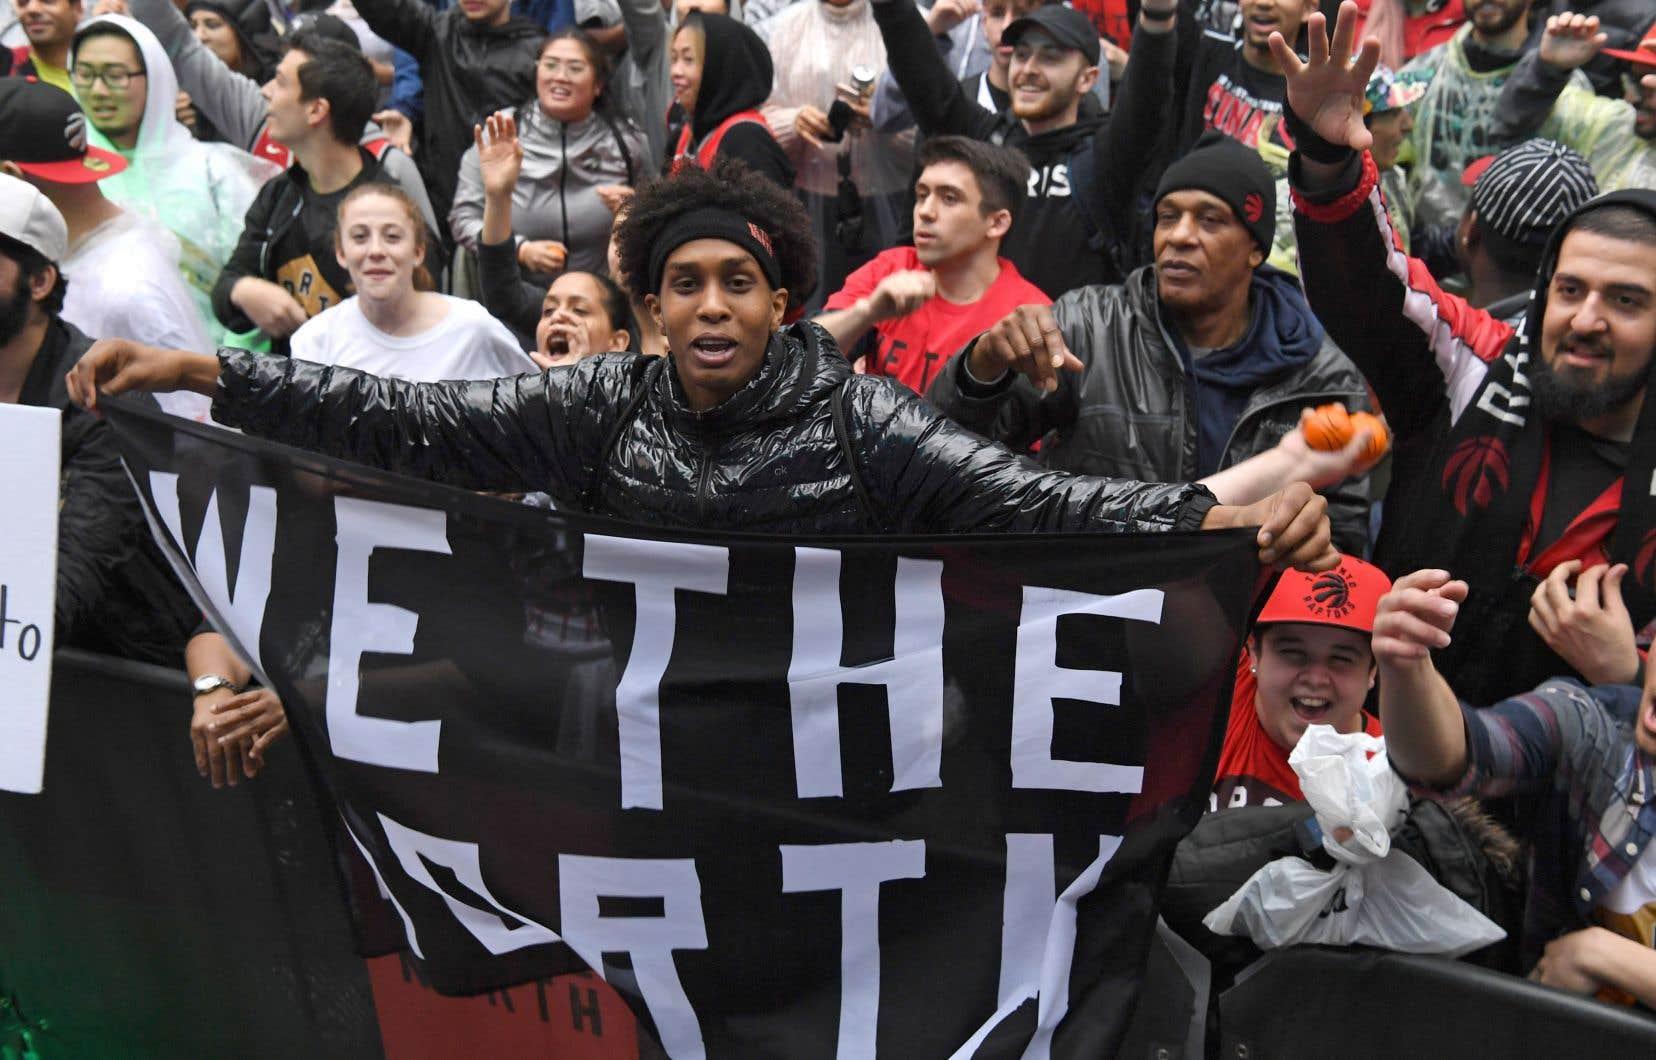 Le slogan lancé en 2014 pour soutenir les Raptors («We The North» — «Nous sommes le Nord») s'entend cette année comme un véritable cri de ralliement sportif national.